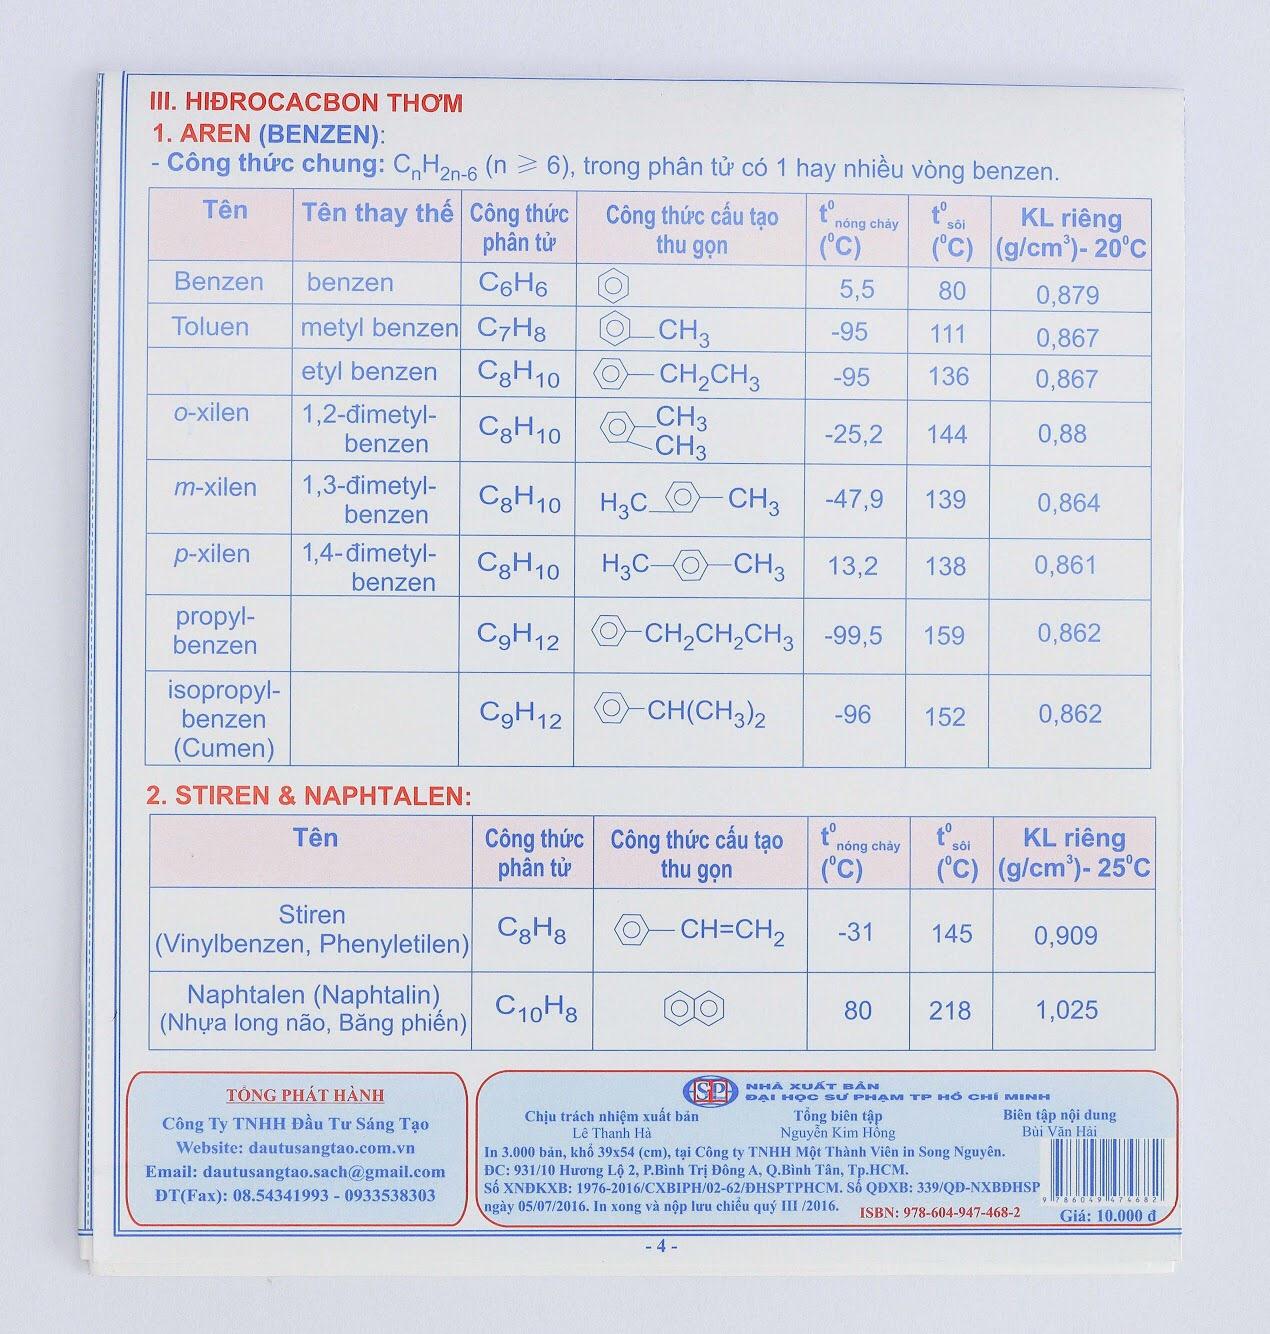 Các hợp chất hữu cơ (Tên - Công thức - Cách nhận biết - Mối liên hệ)